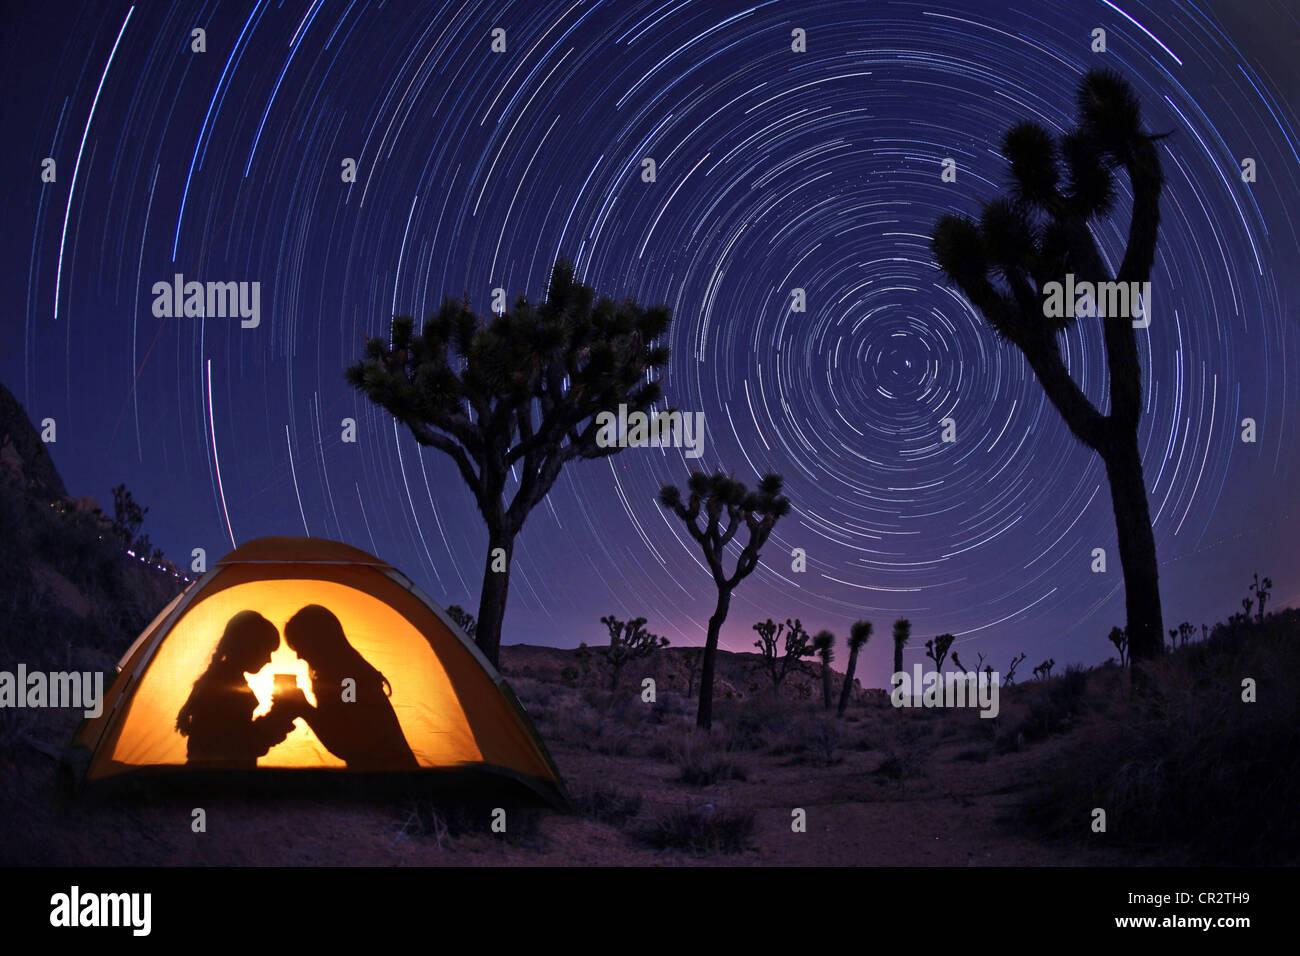 Los niños acampar por la noche en una carpa con Estelas de estrellas Imagen De Stock